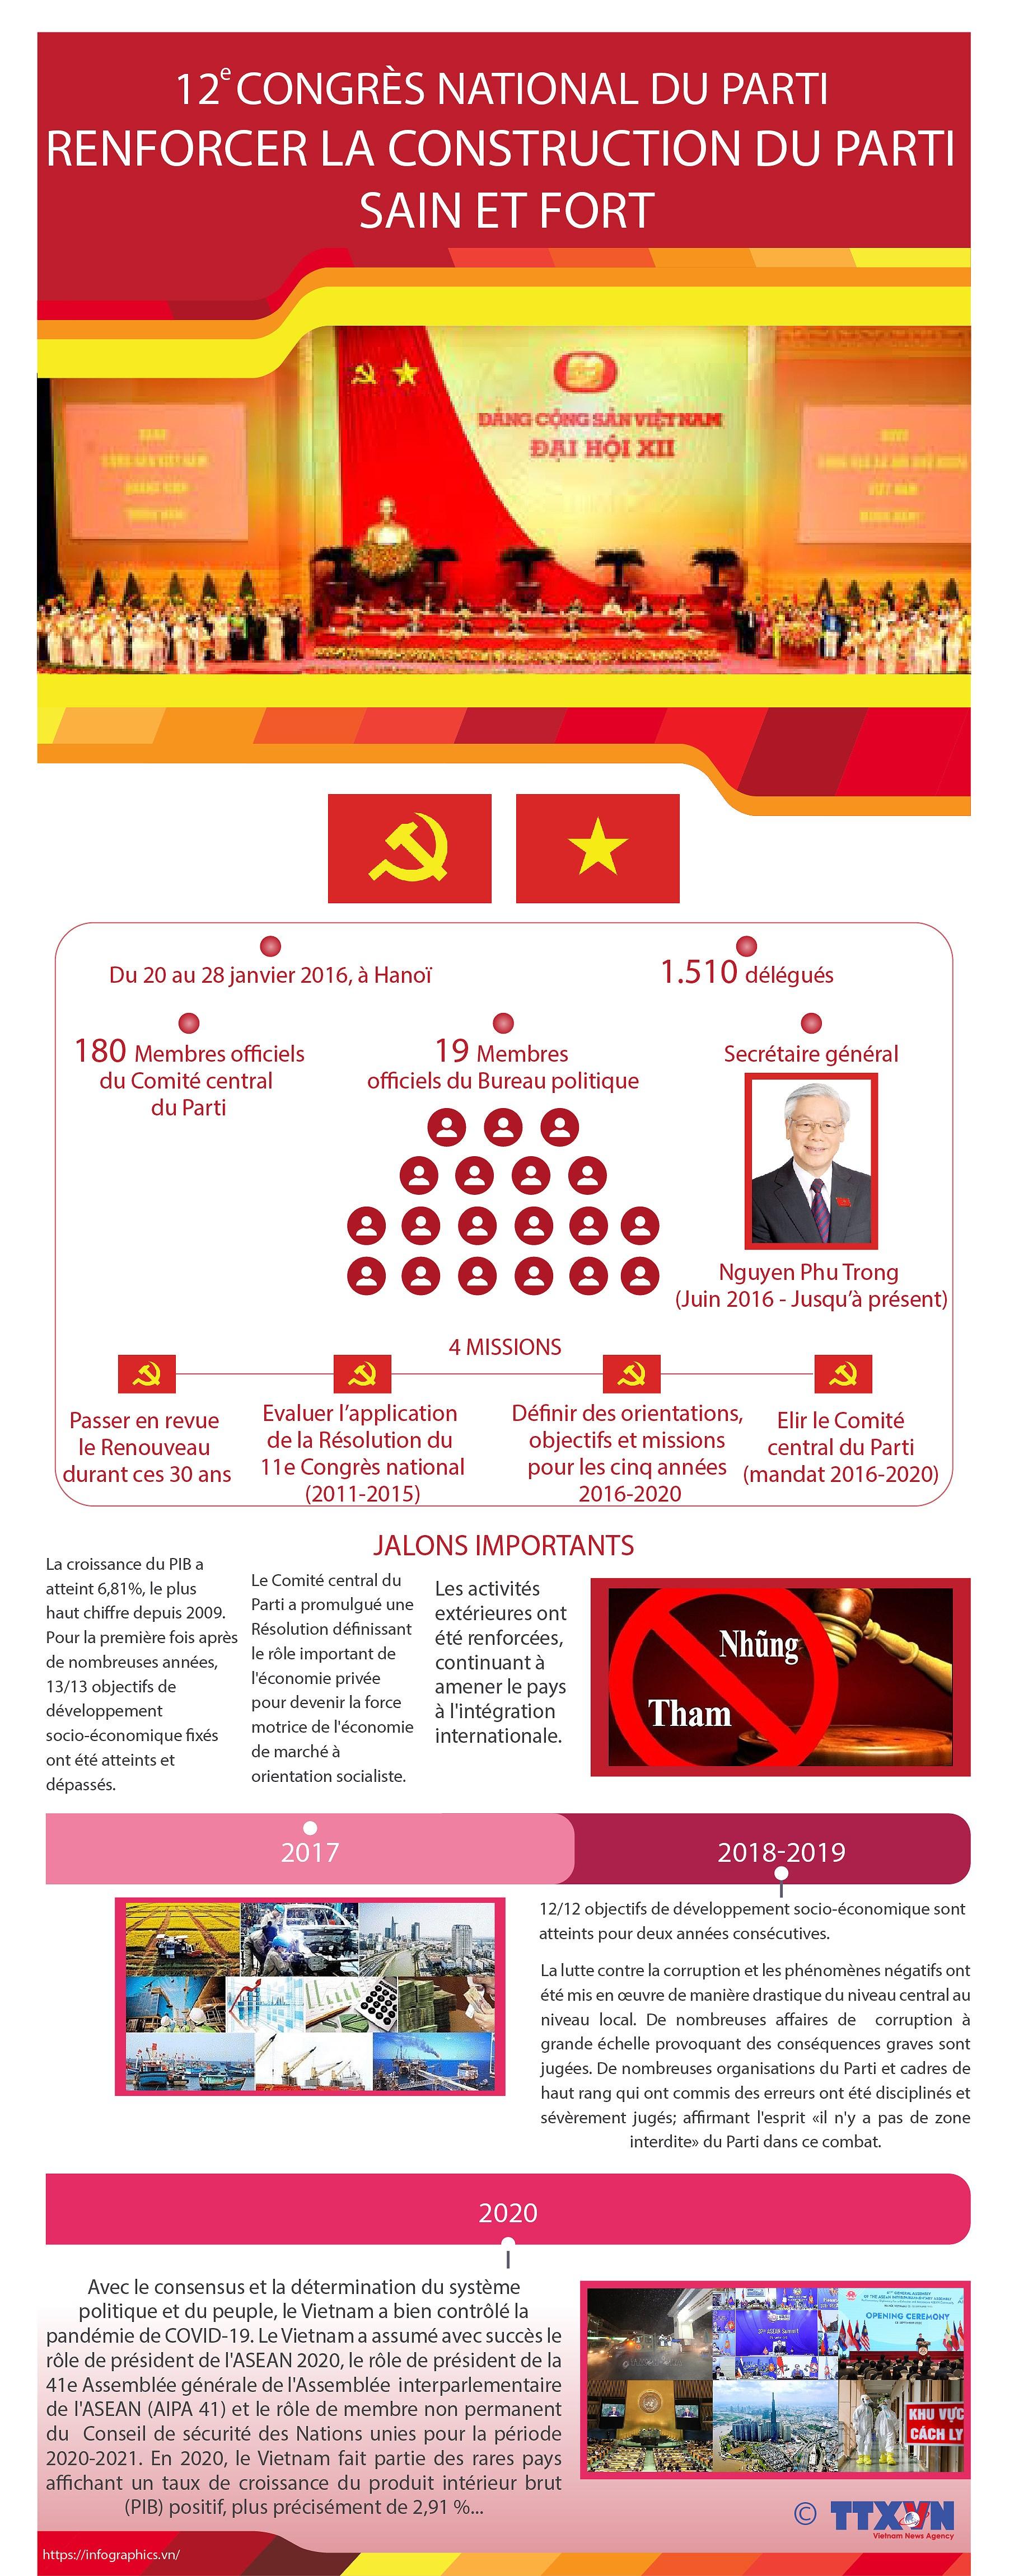 12e Congres national du Parti: renforcer la construction du Parti sain et fort hinh anh 1